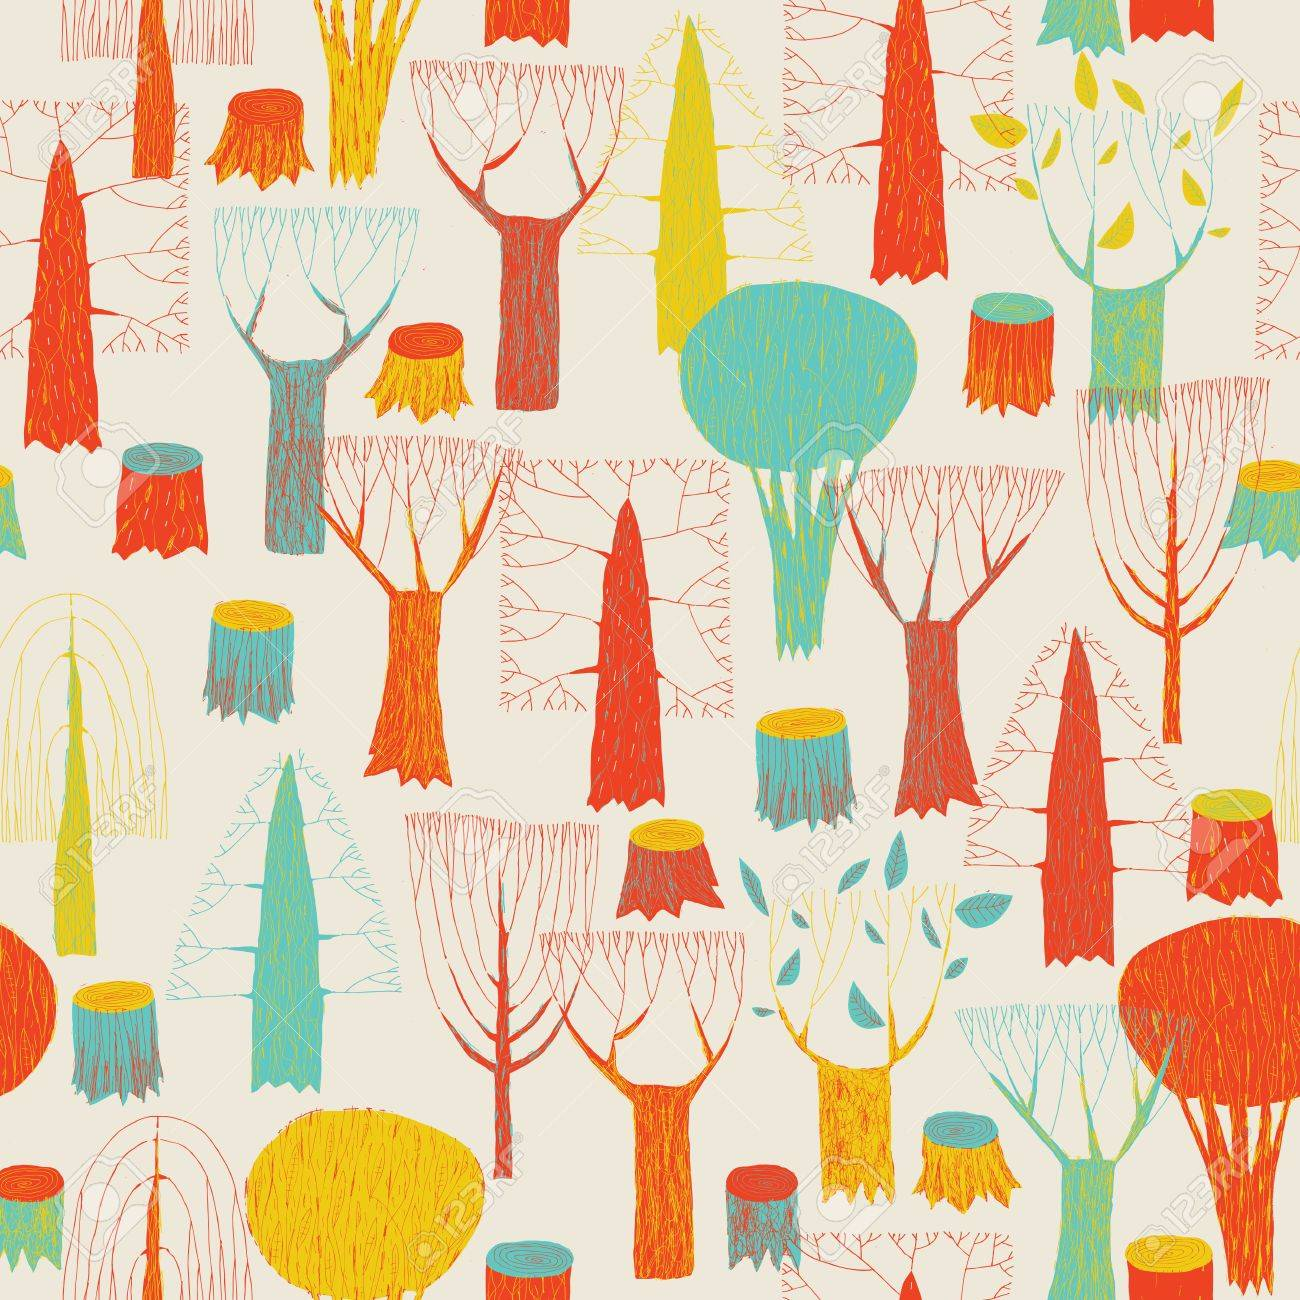 Teppich gezeichnet  Bäume Nahtlose Muster Teppich In Pop-Farben Ist Von Hand ...